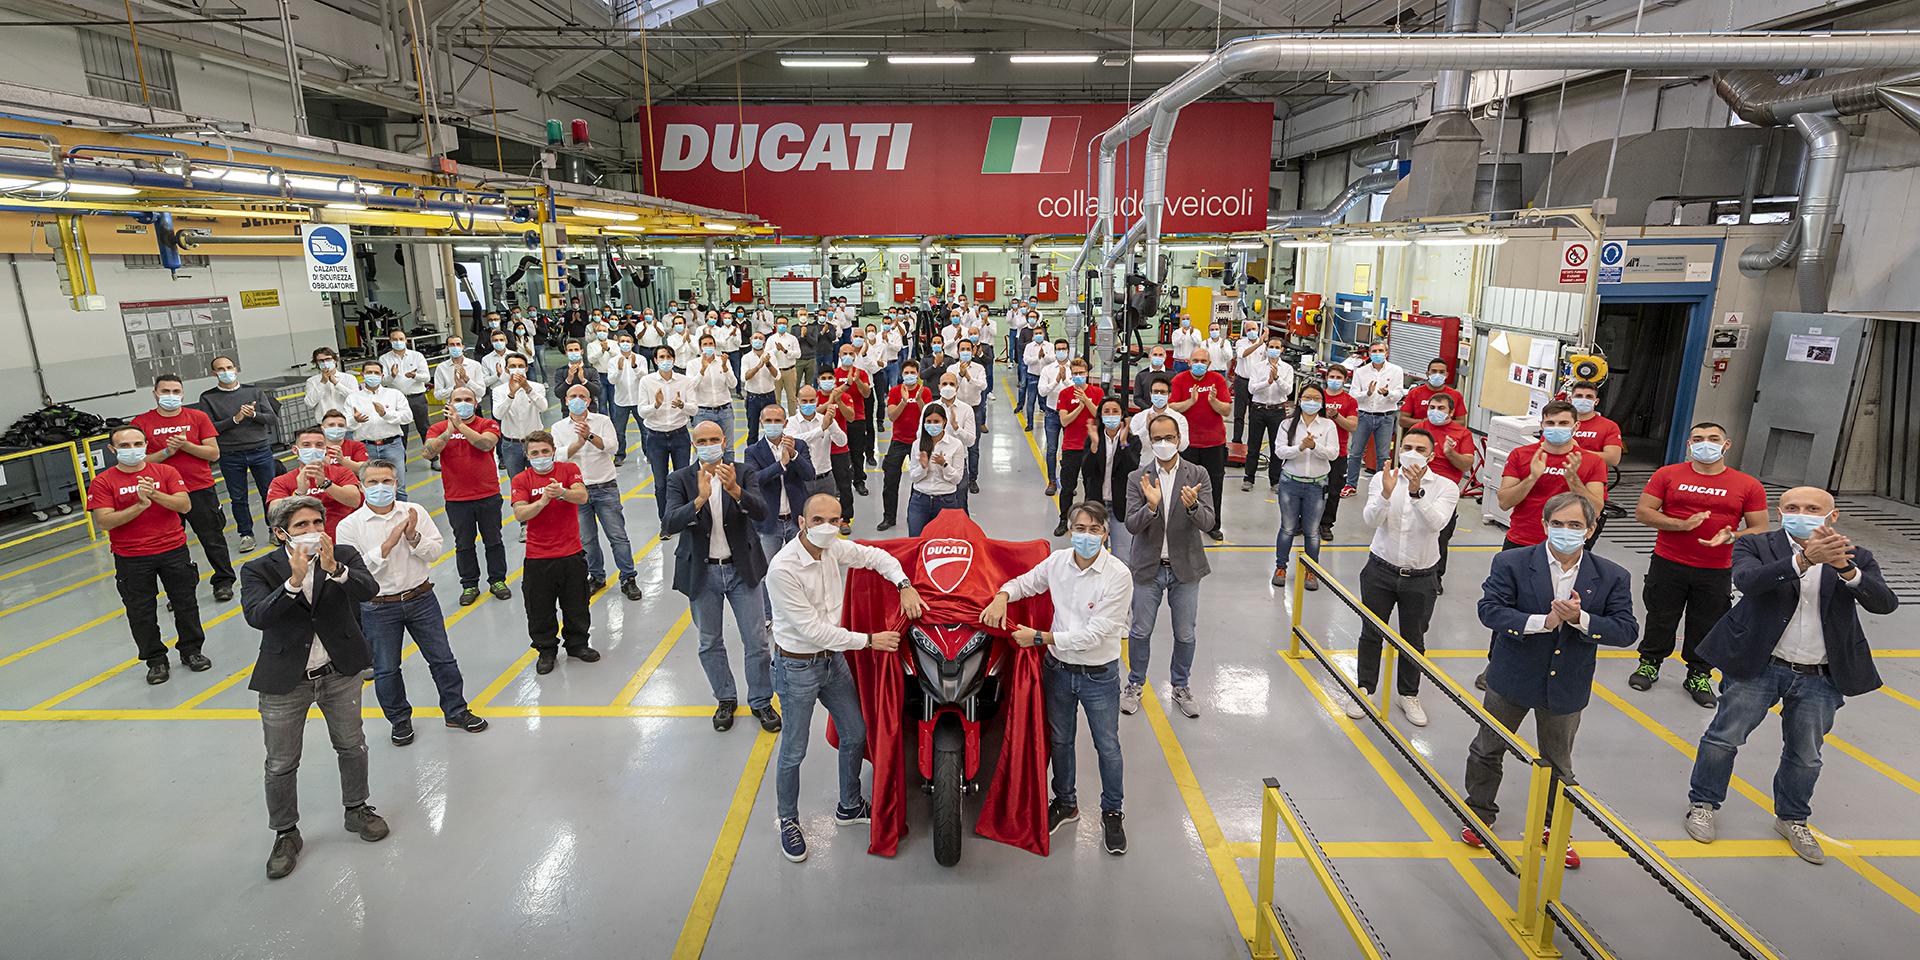 www.ducati.com